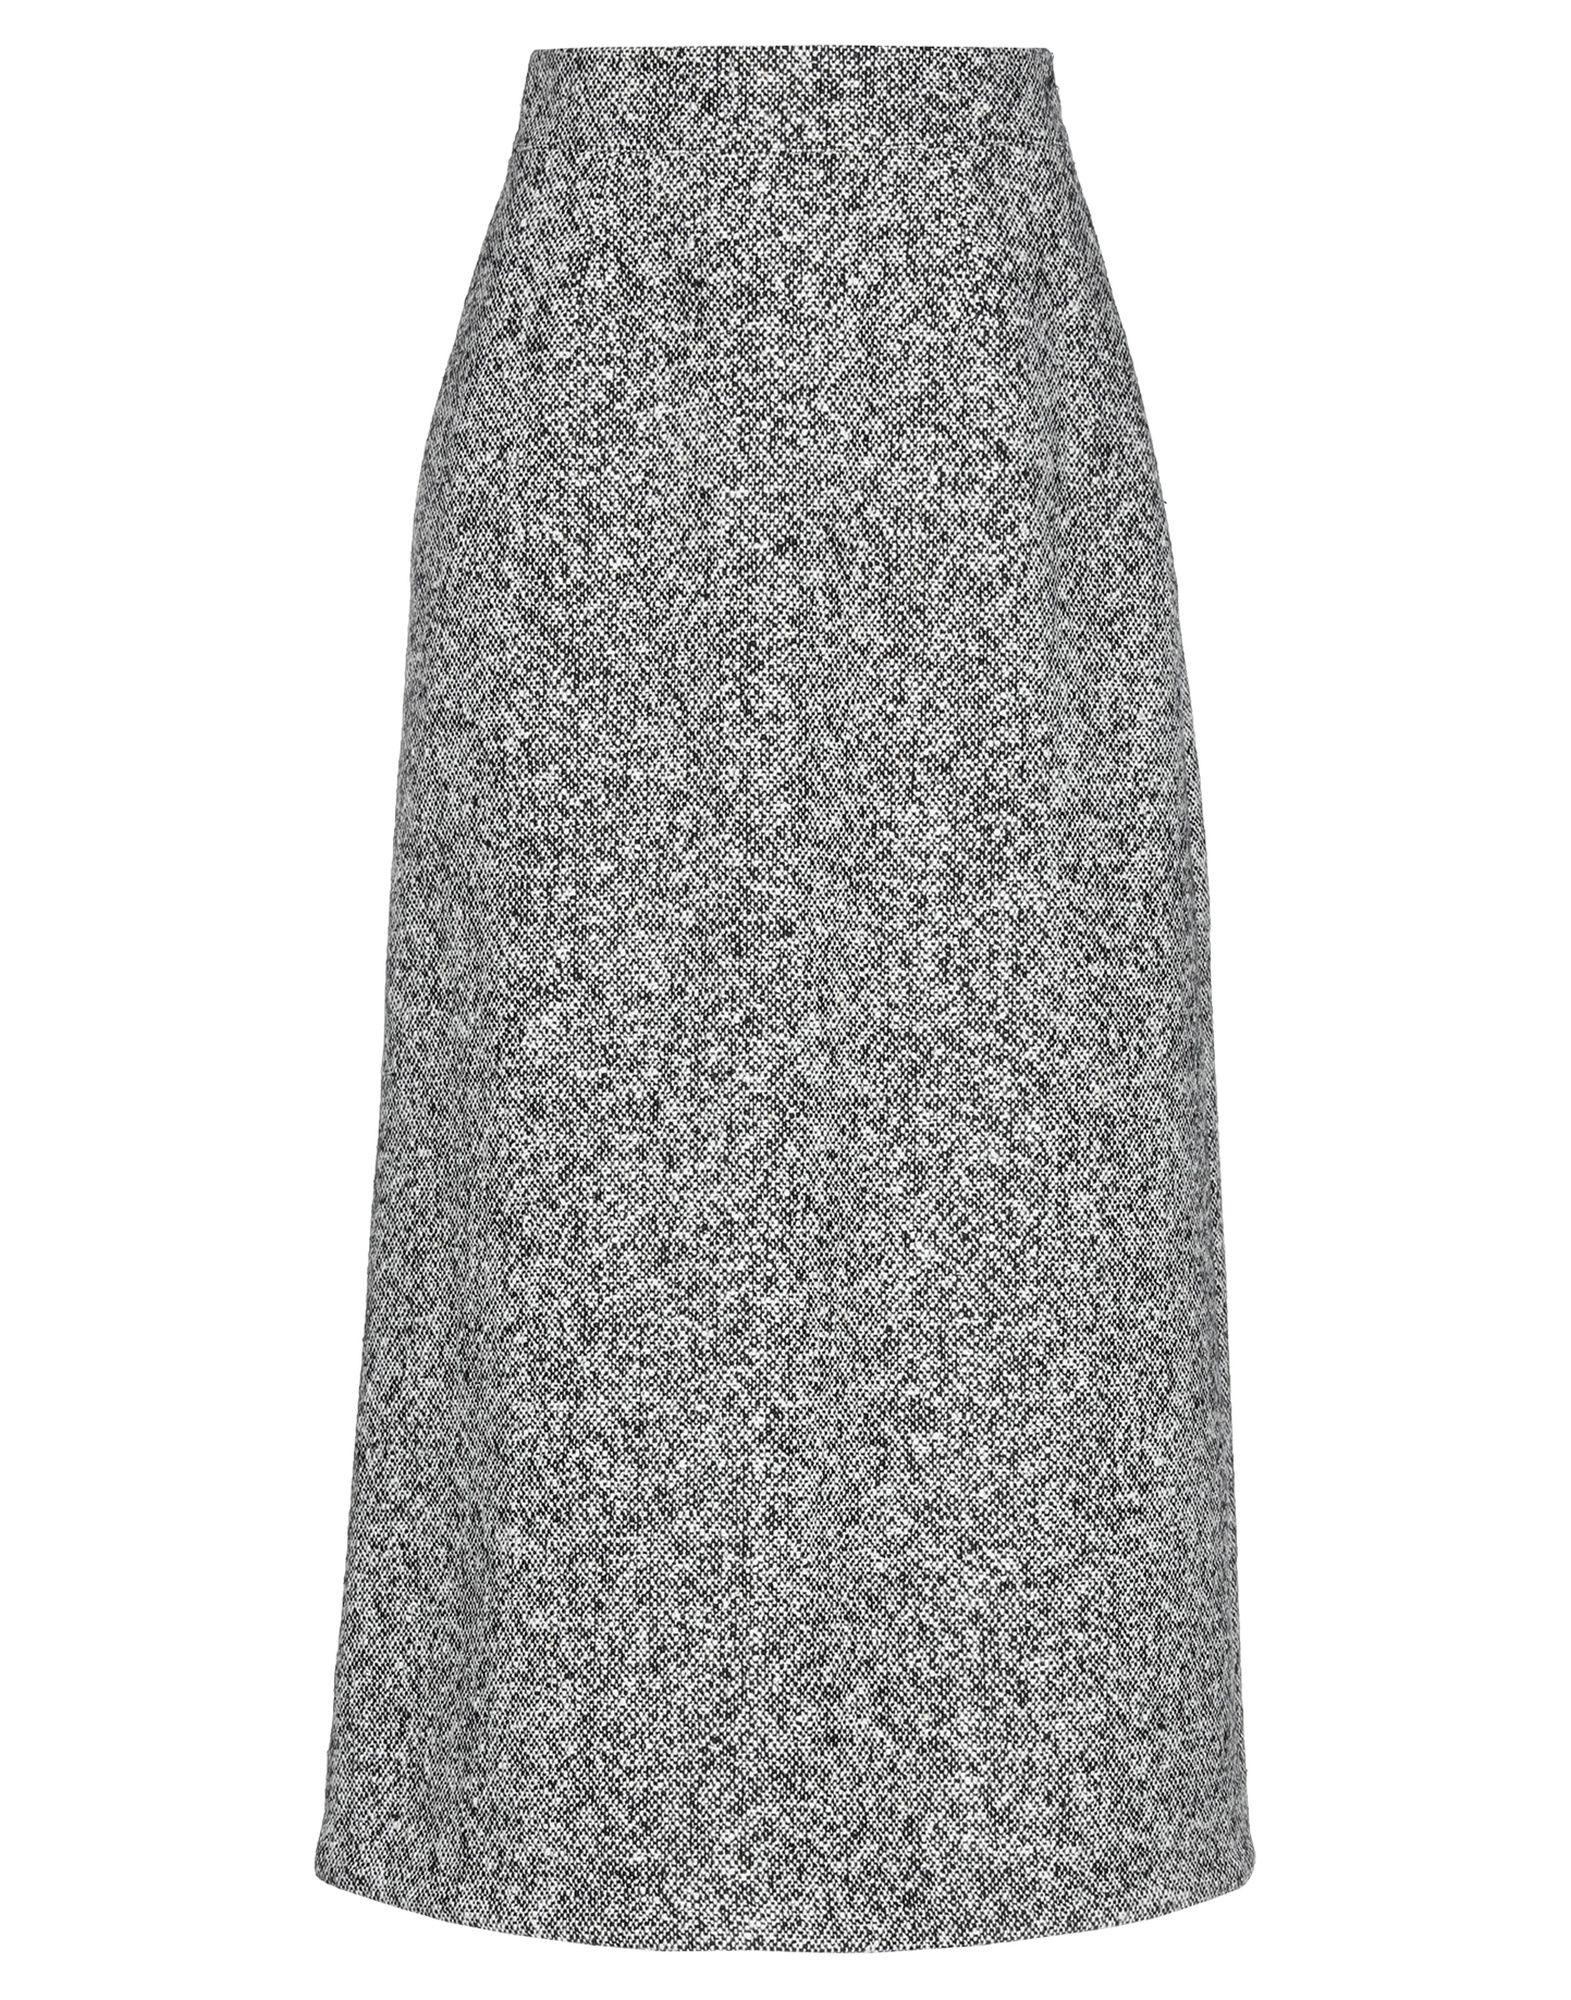 SAINT LAURENT Юбка длиной 3/4 saint laurent платье длиной 3 4